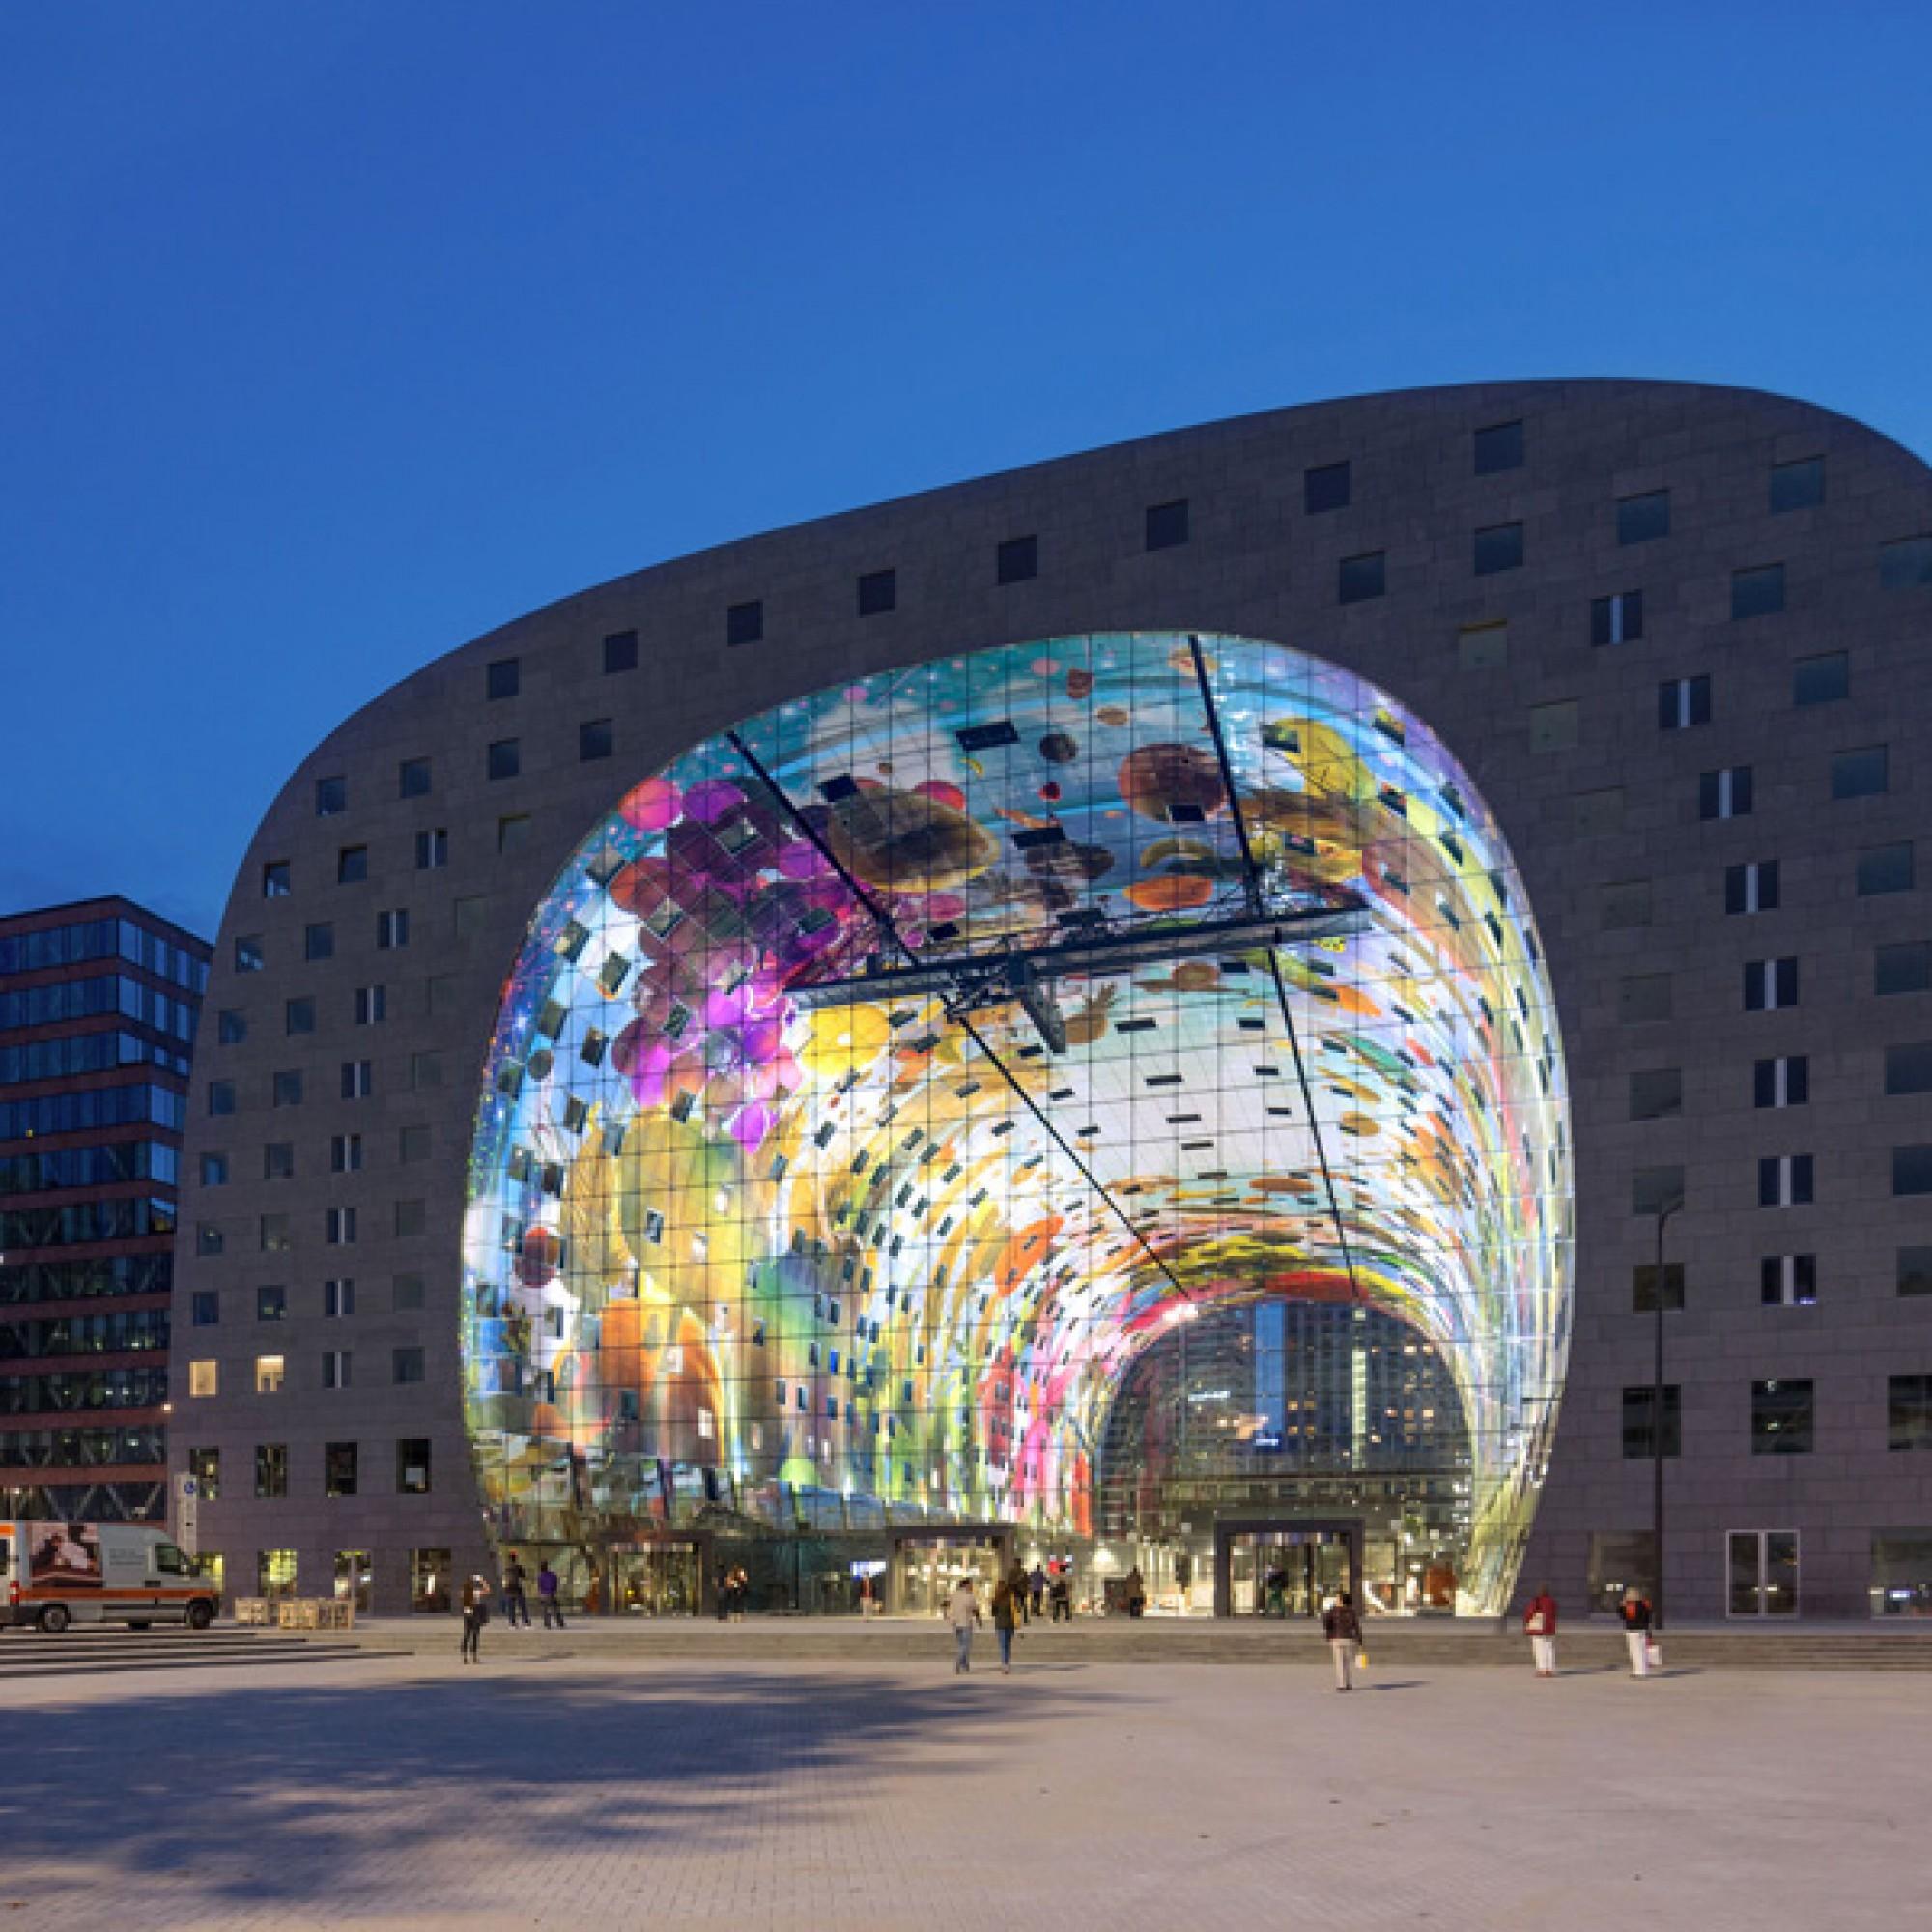 Der neue Foodmarkt in Rotterdam. (Bilder: Ossip van Duivenbode)